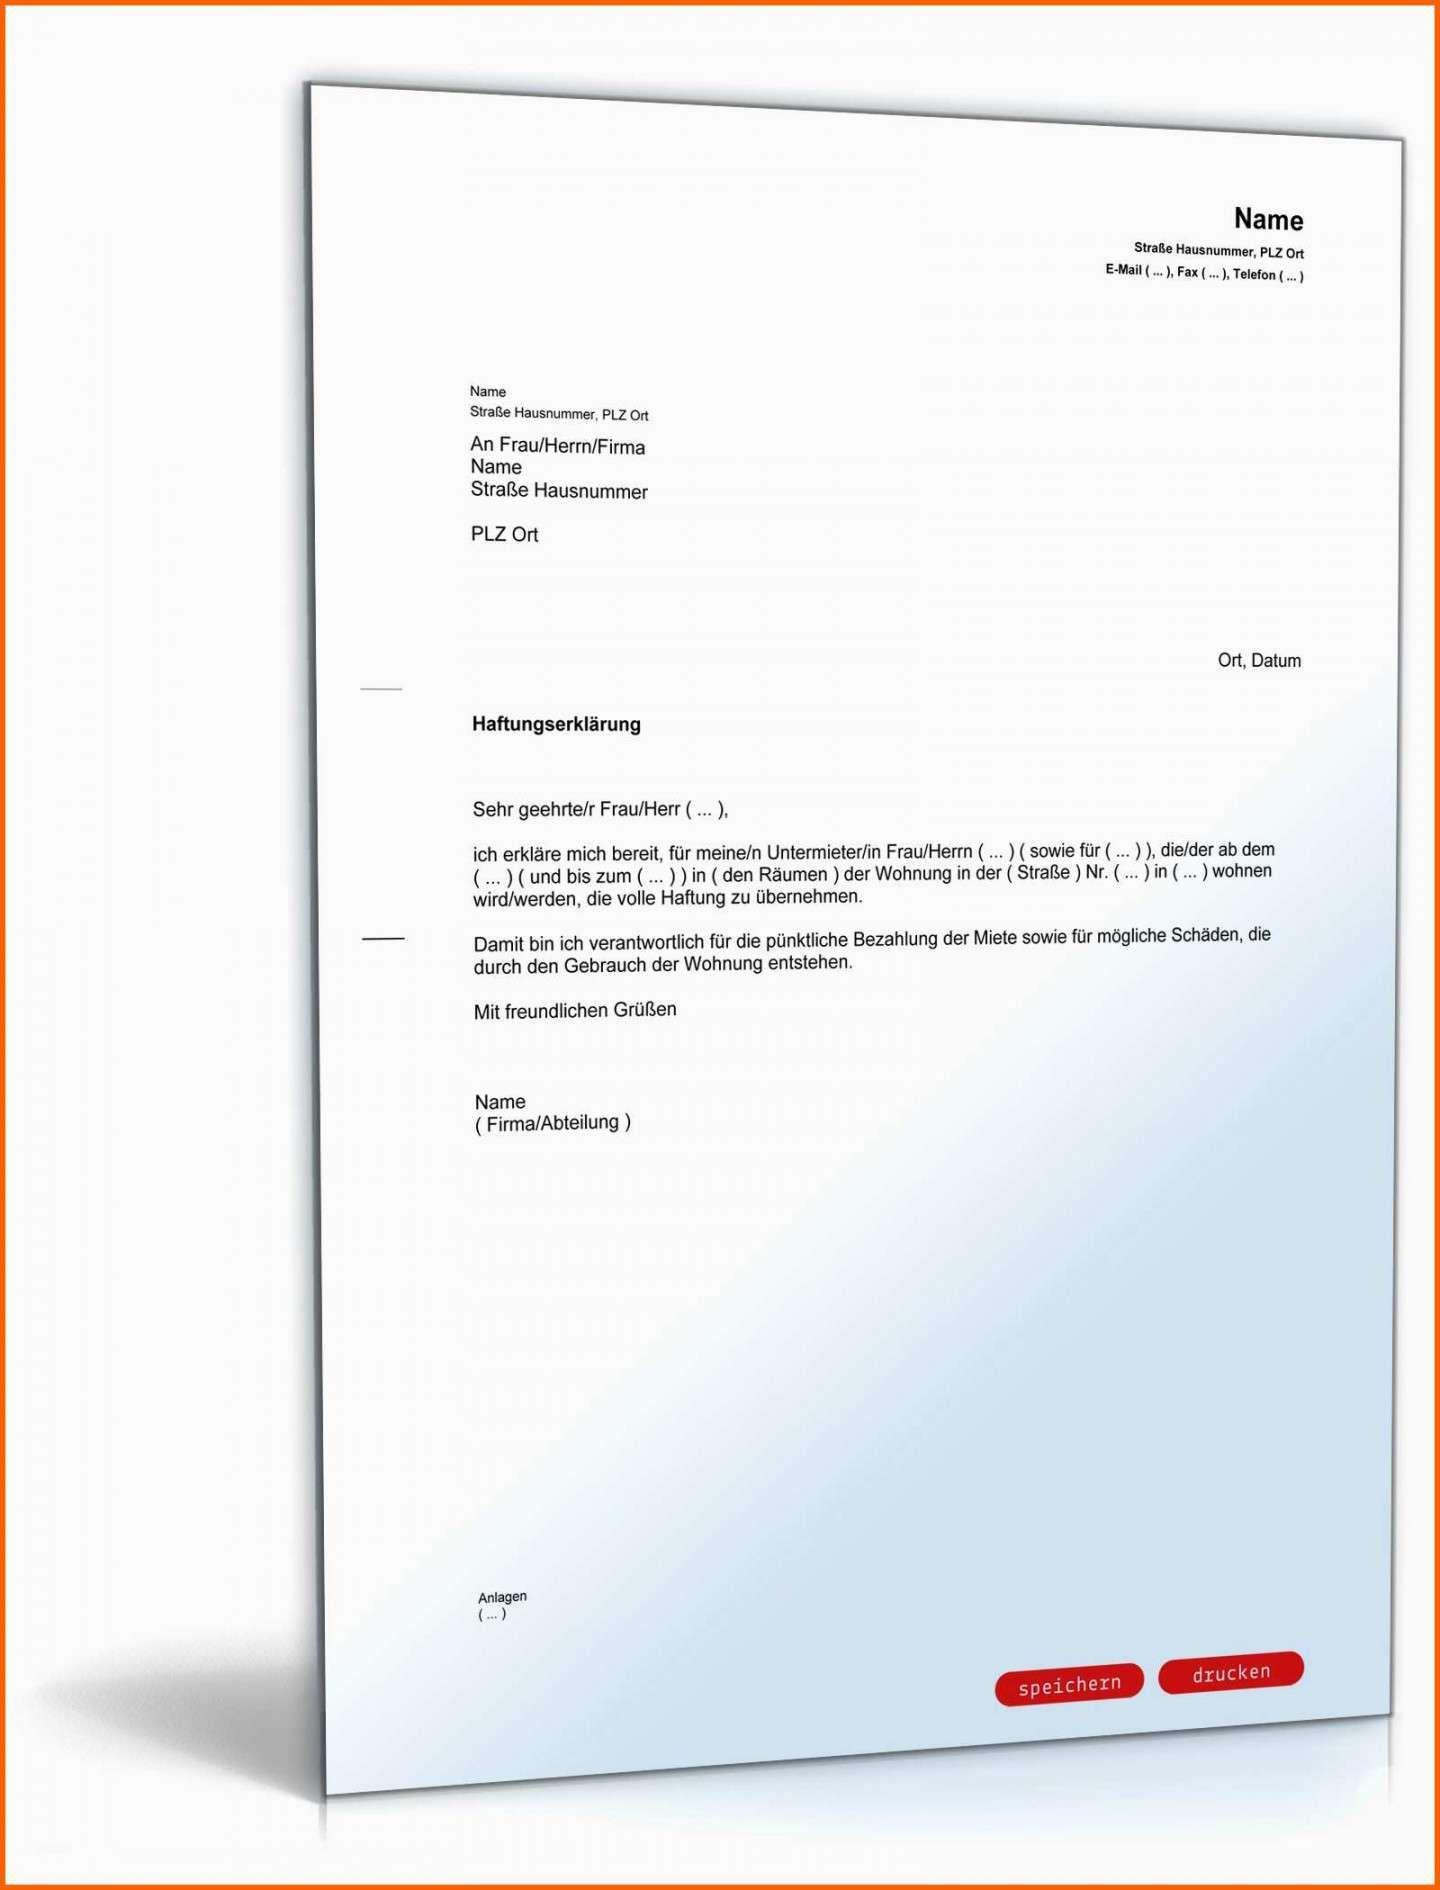 Formular Haftungsausschluss Vorlage In 2020 Flugblatt Design Vorlagen Ausschluss